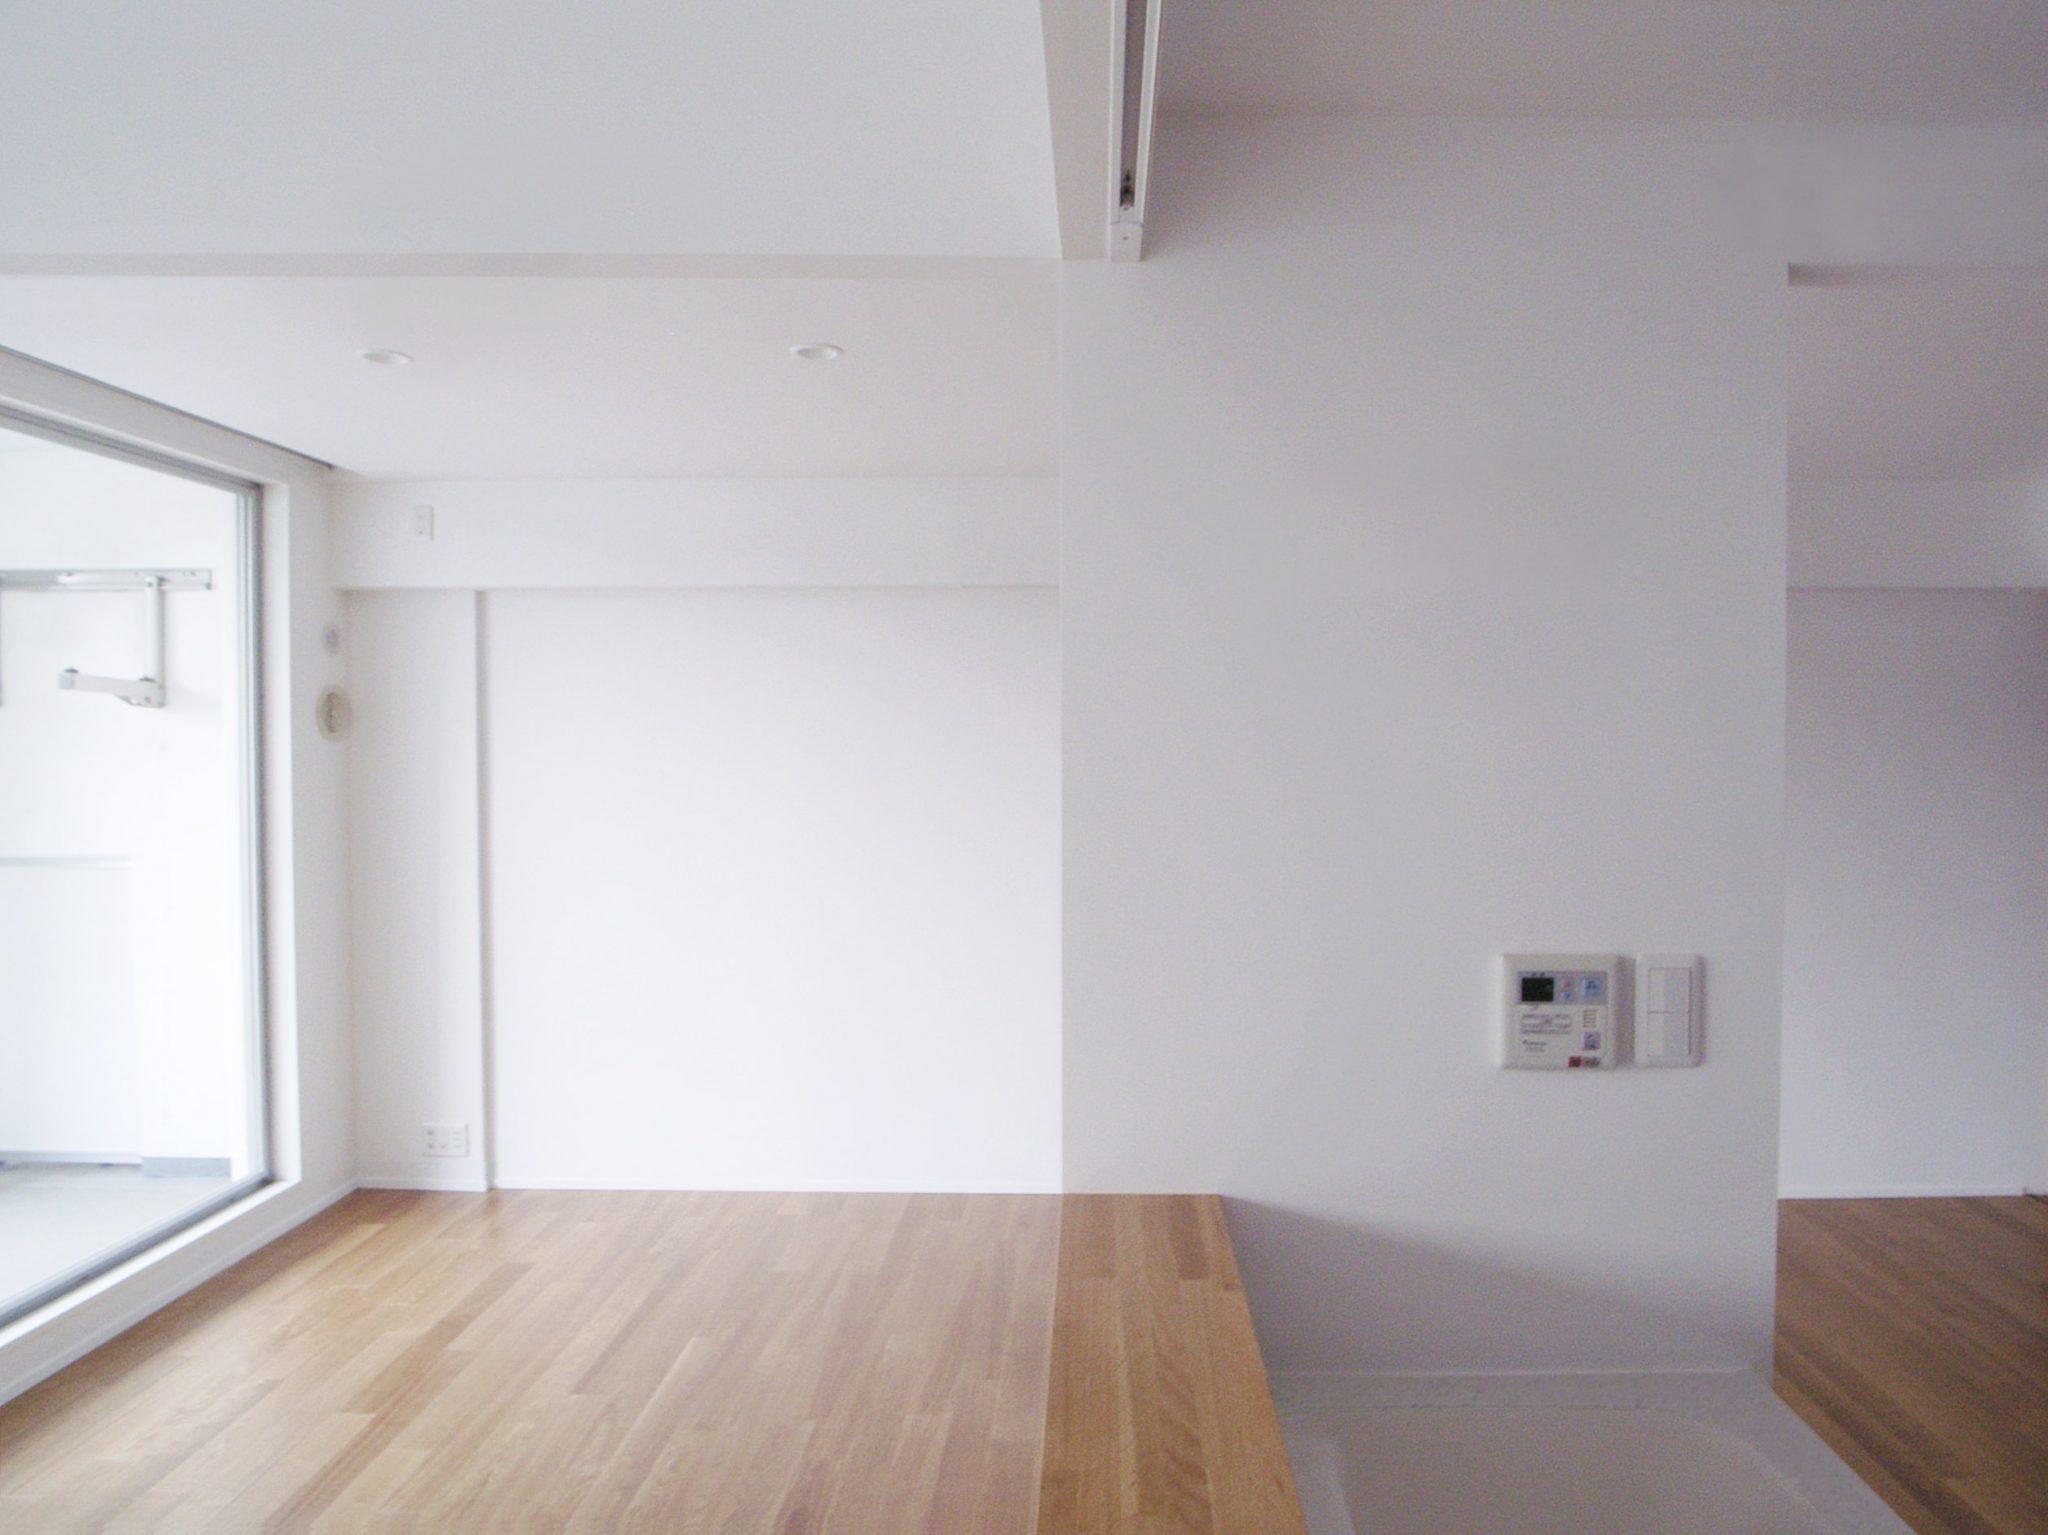 武蔵小杉の住戸 -リノベーション-|Residence in Musashikosugi by the renovation-03